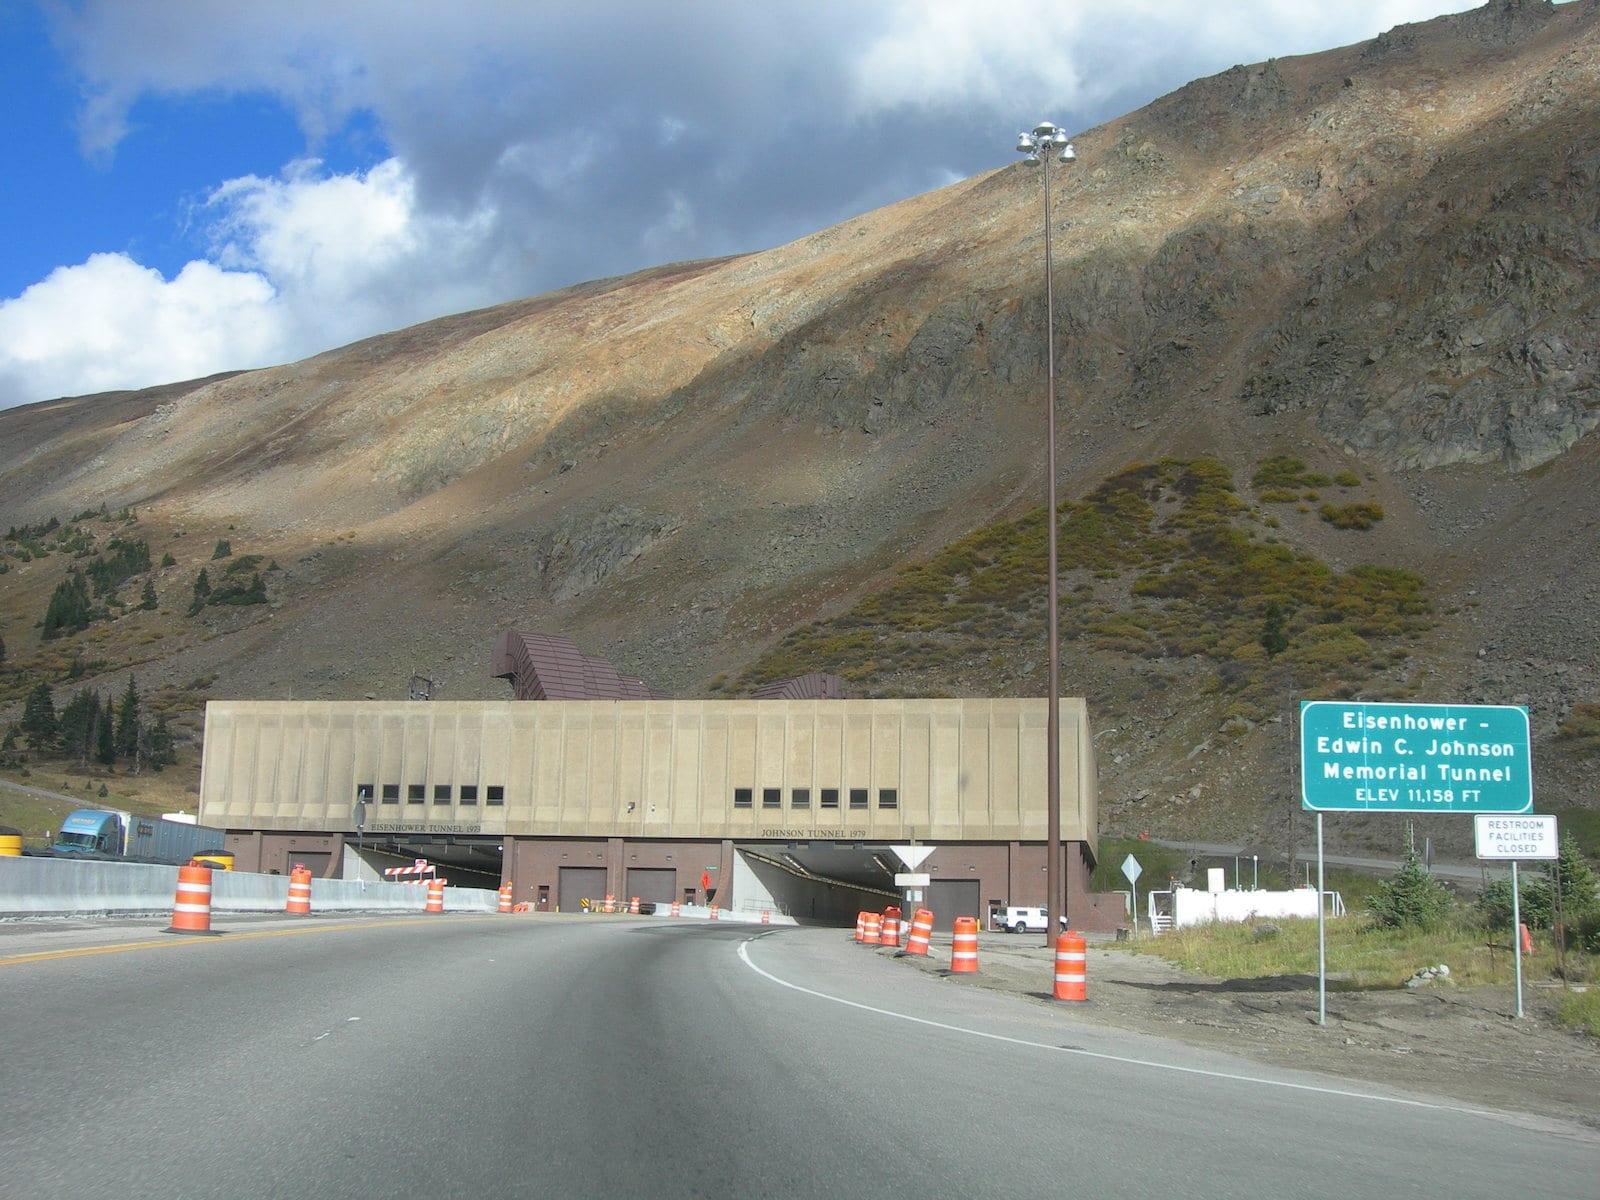 Eisenhower–Edwin C. Johnson Memorial Tunnel, CO